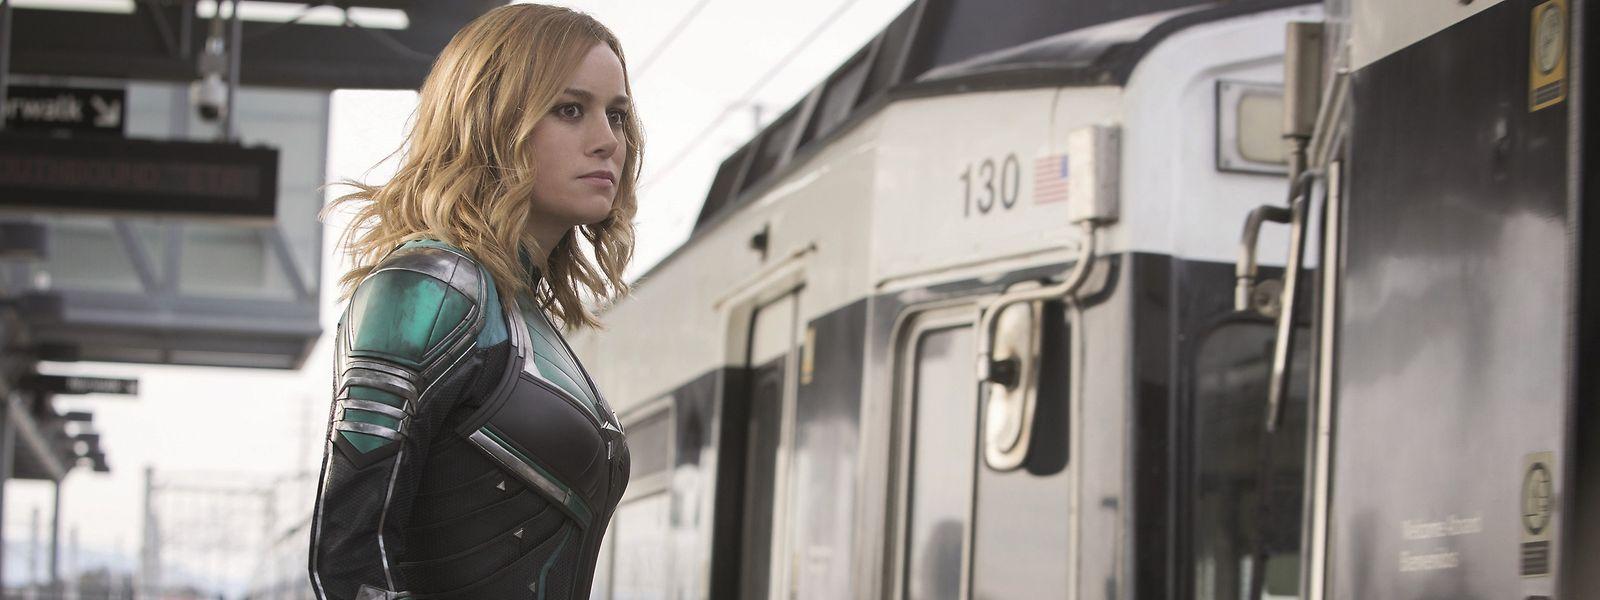 Selbst eine Superheldin wie Captain Marvel (Brie Larson) muss ab und an auf den öffentlichen Transport zurückgreifen.